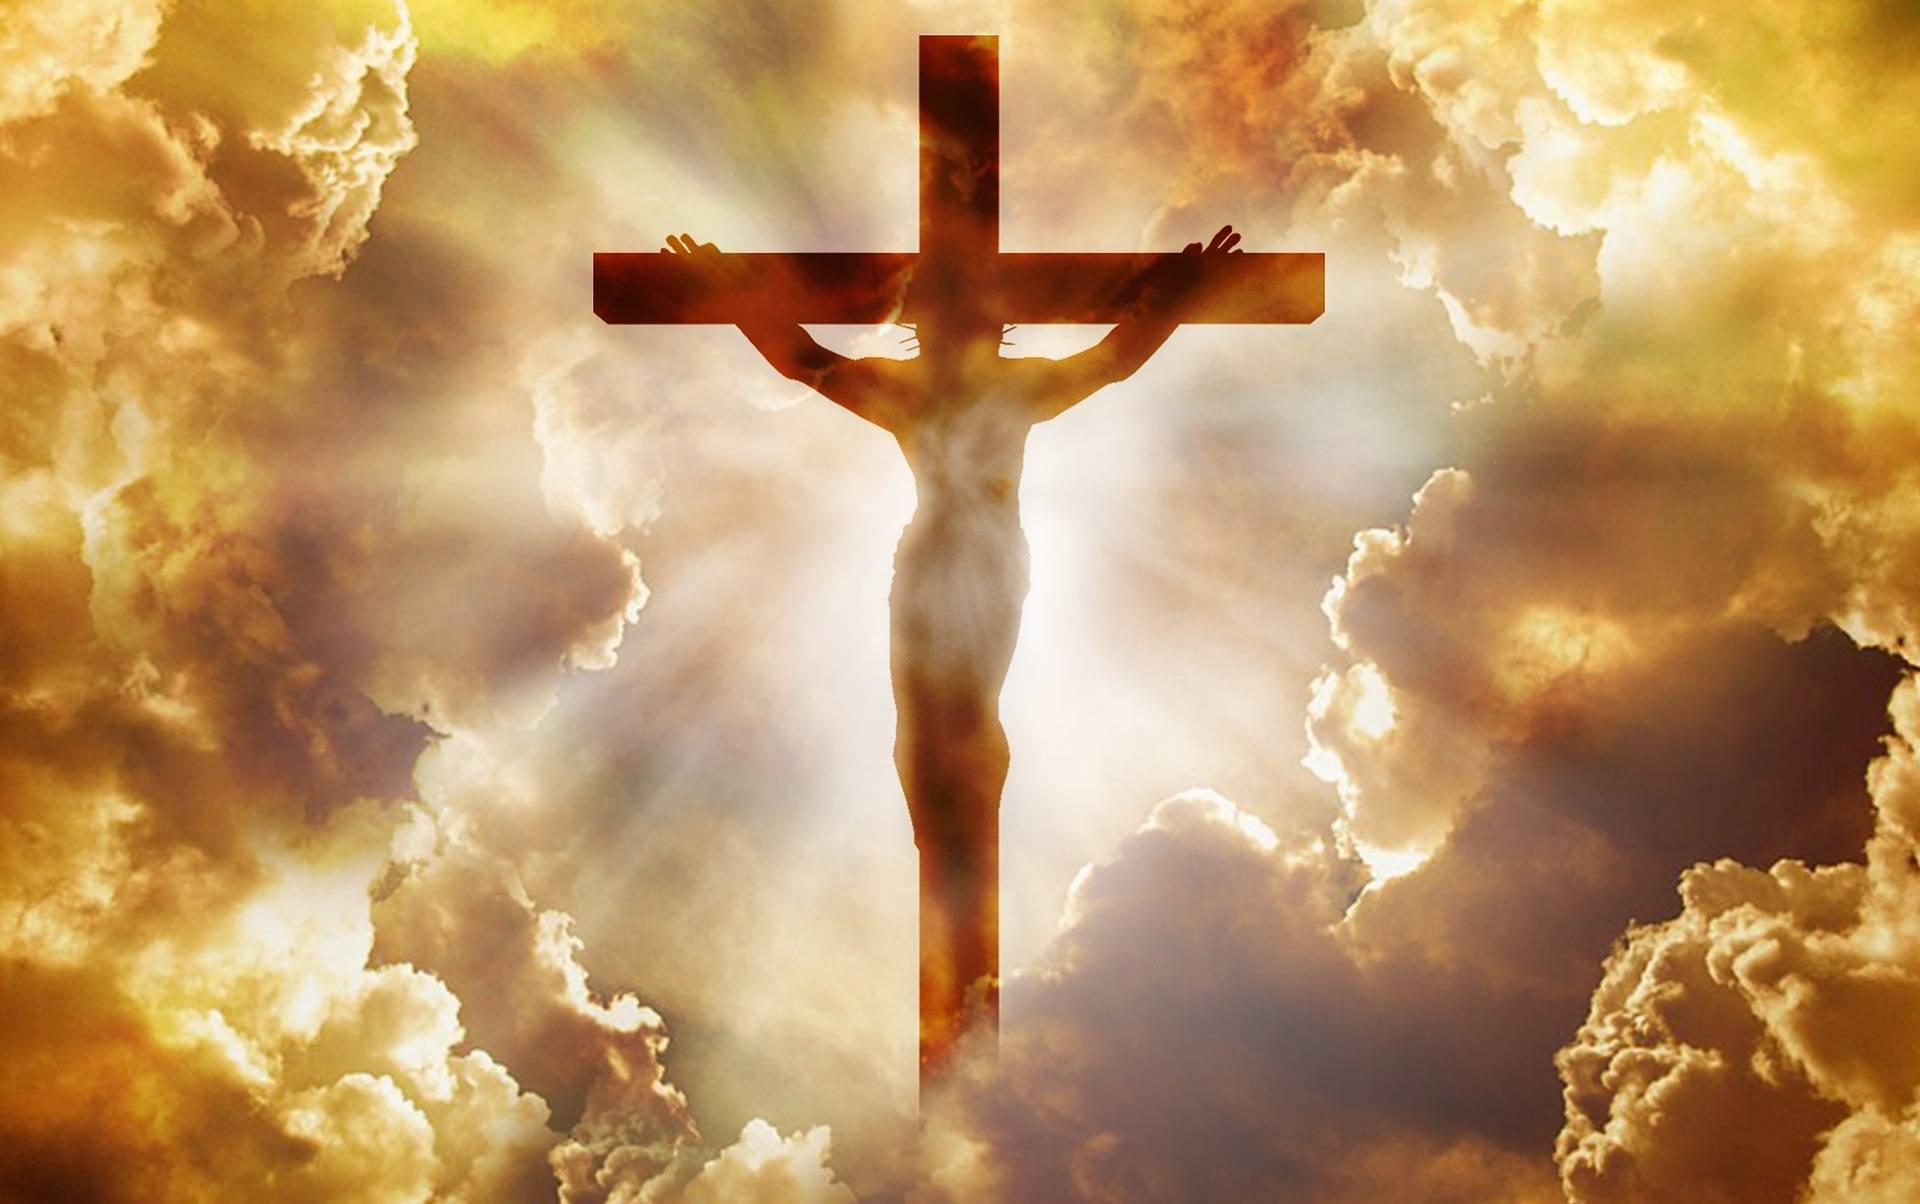 Христианские картинки фото